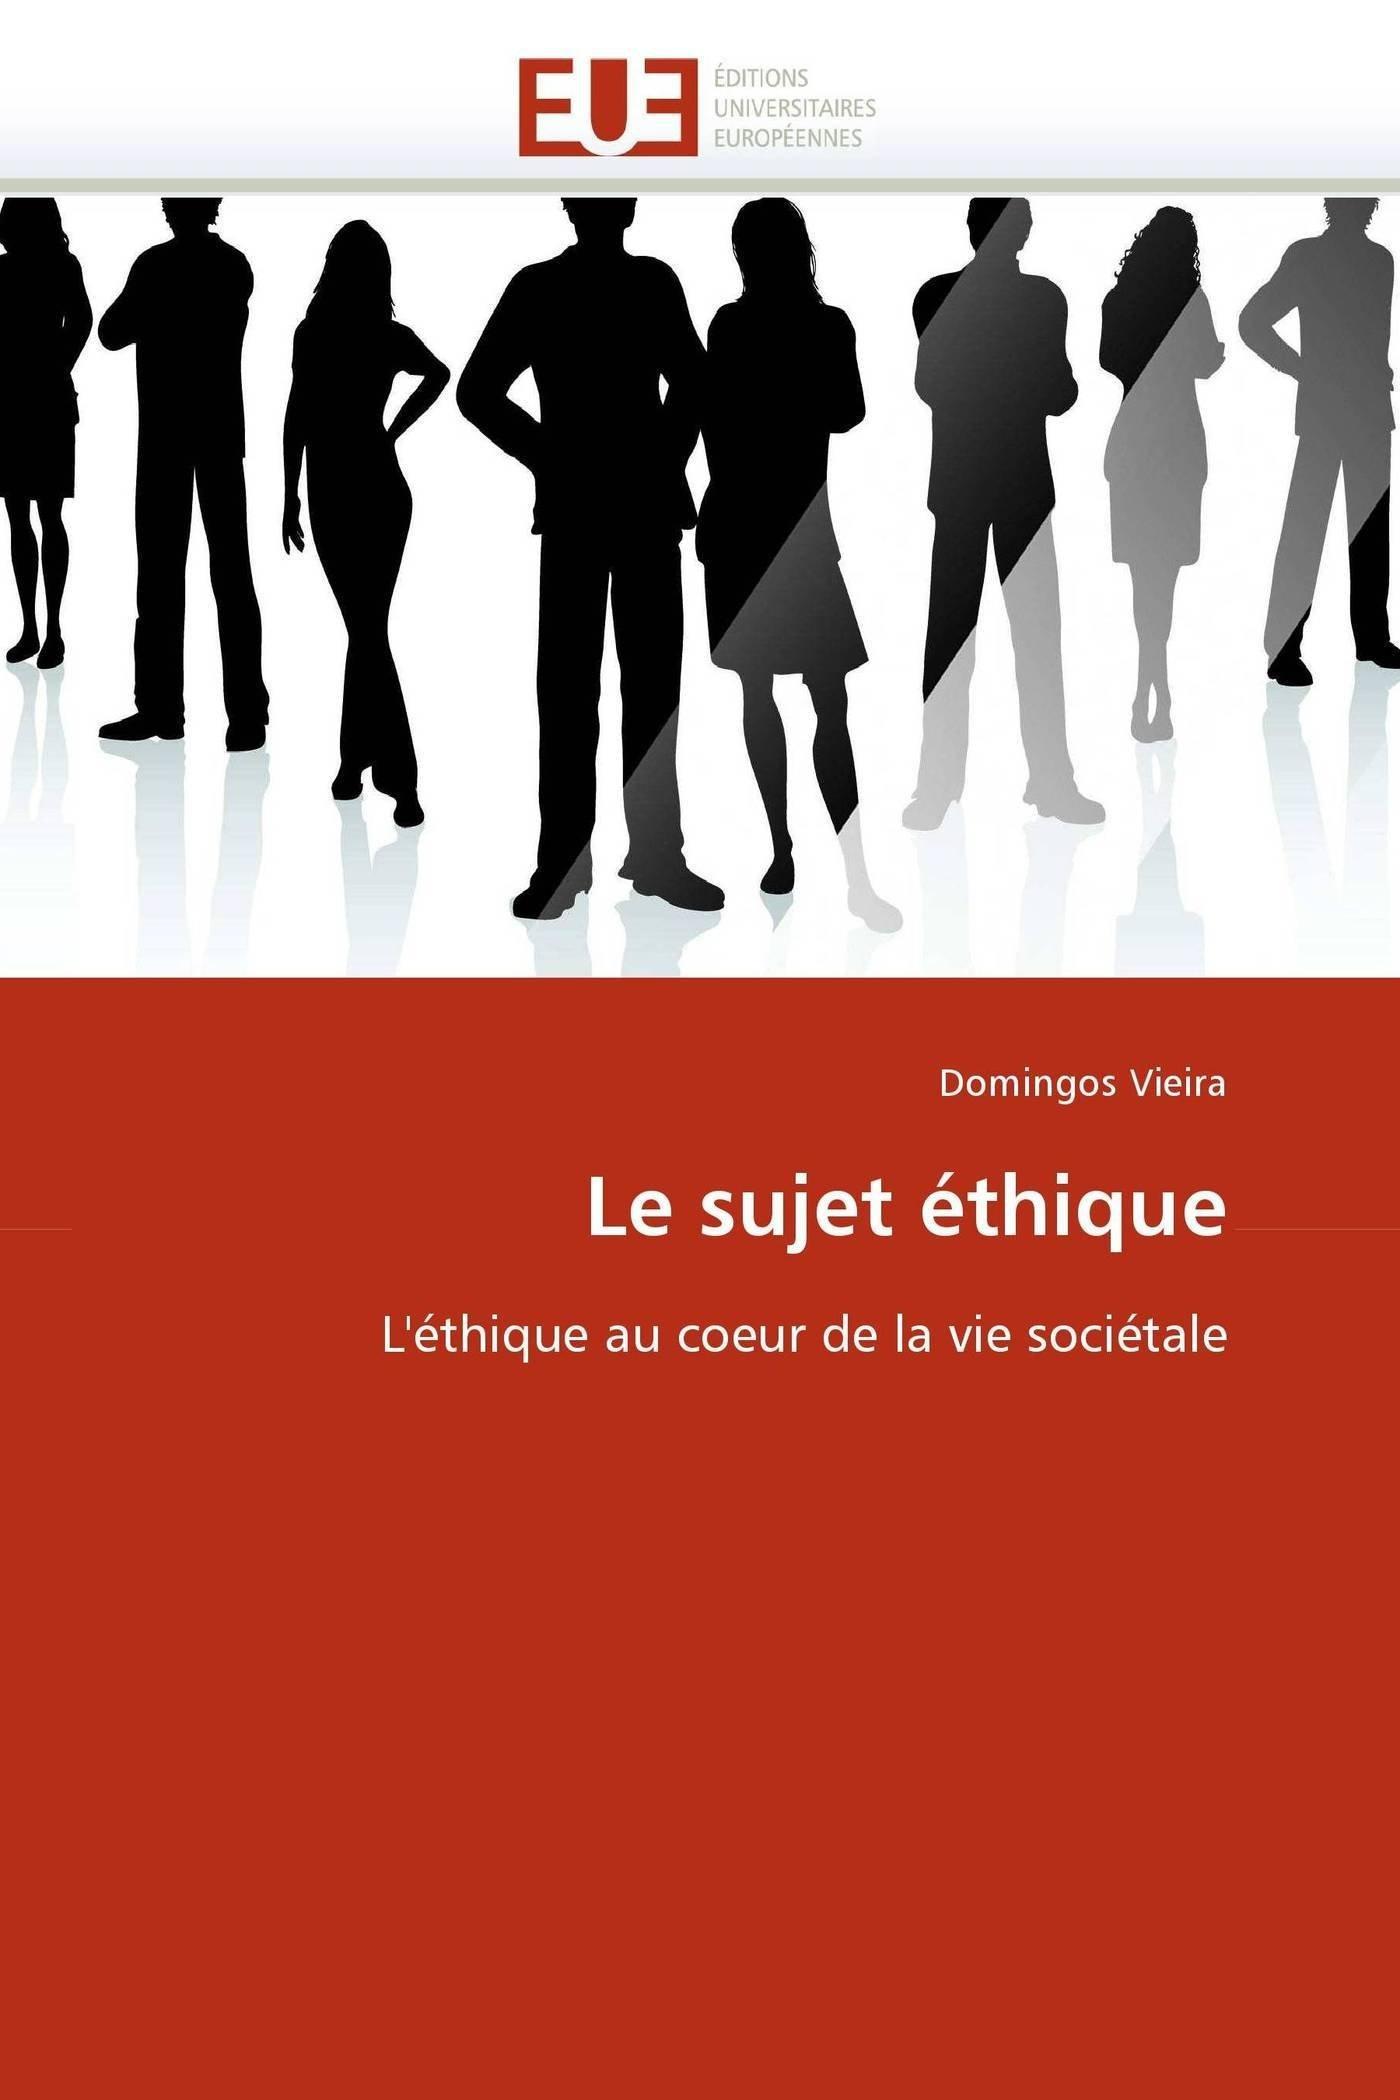 Le sujet éthique: Léthique au coeur de la vie sociétale (Omn.Univ.Europ.) (French Edition) (French) Paperback – February 8, 2011